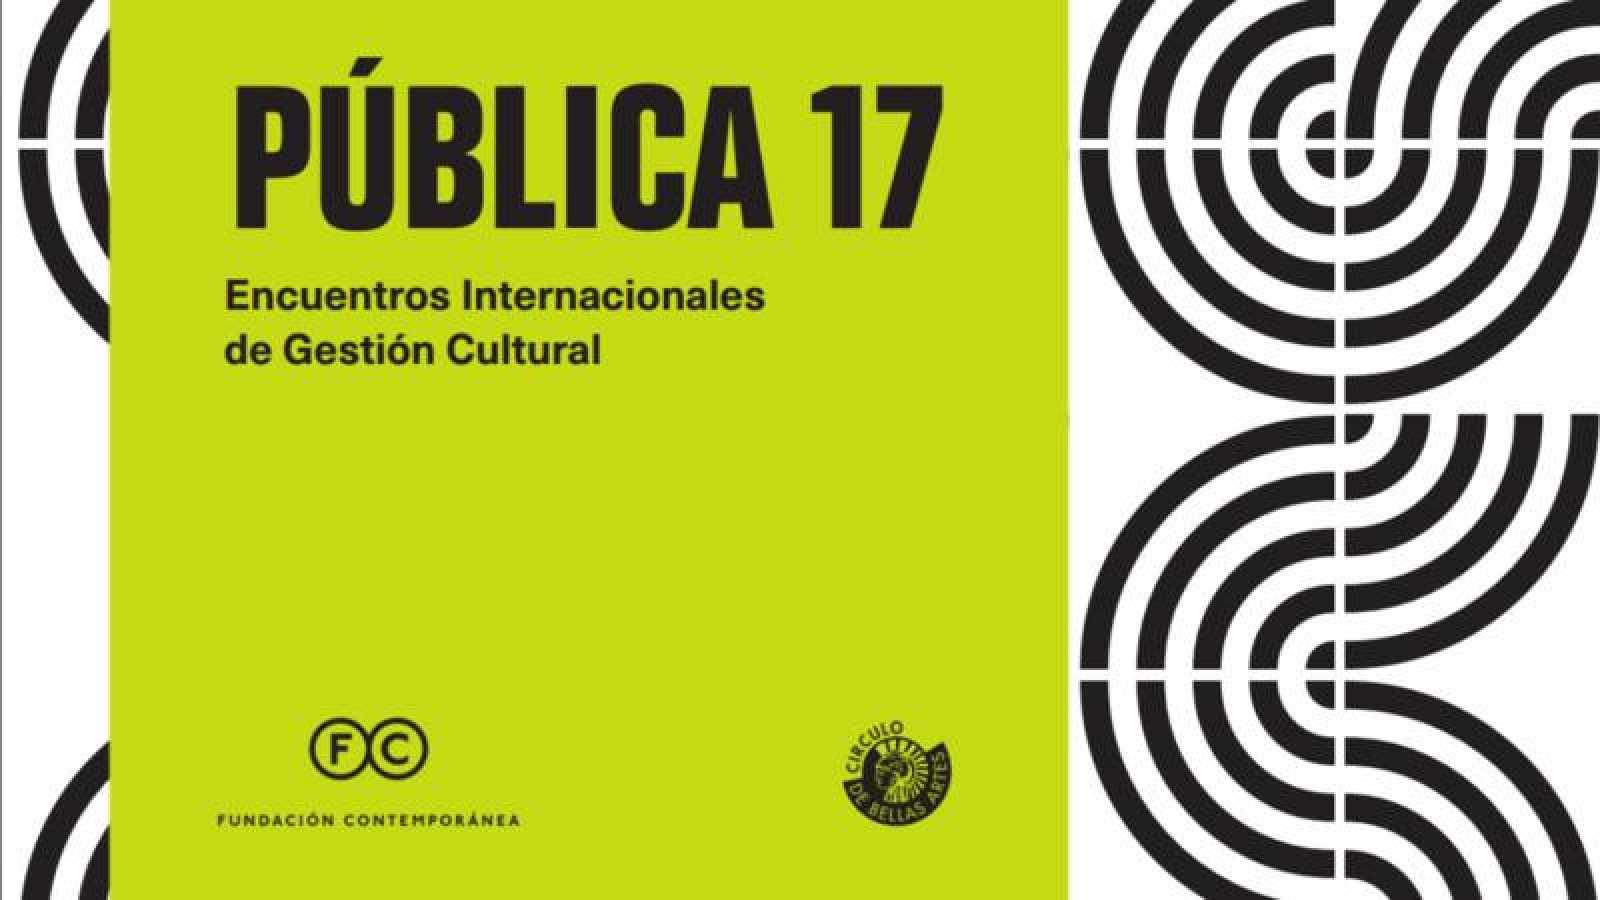 Este jueves a partir de las 9.00, Hoy Empieza Todo en PUBLICA17